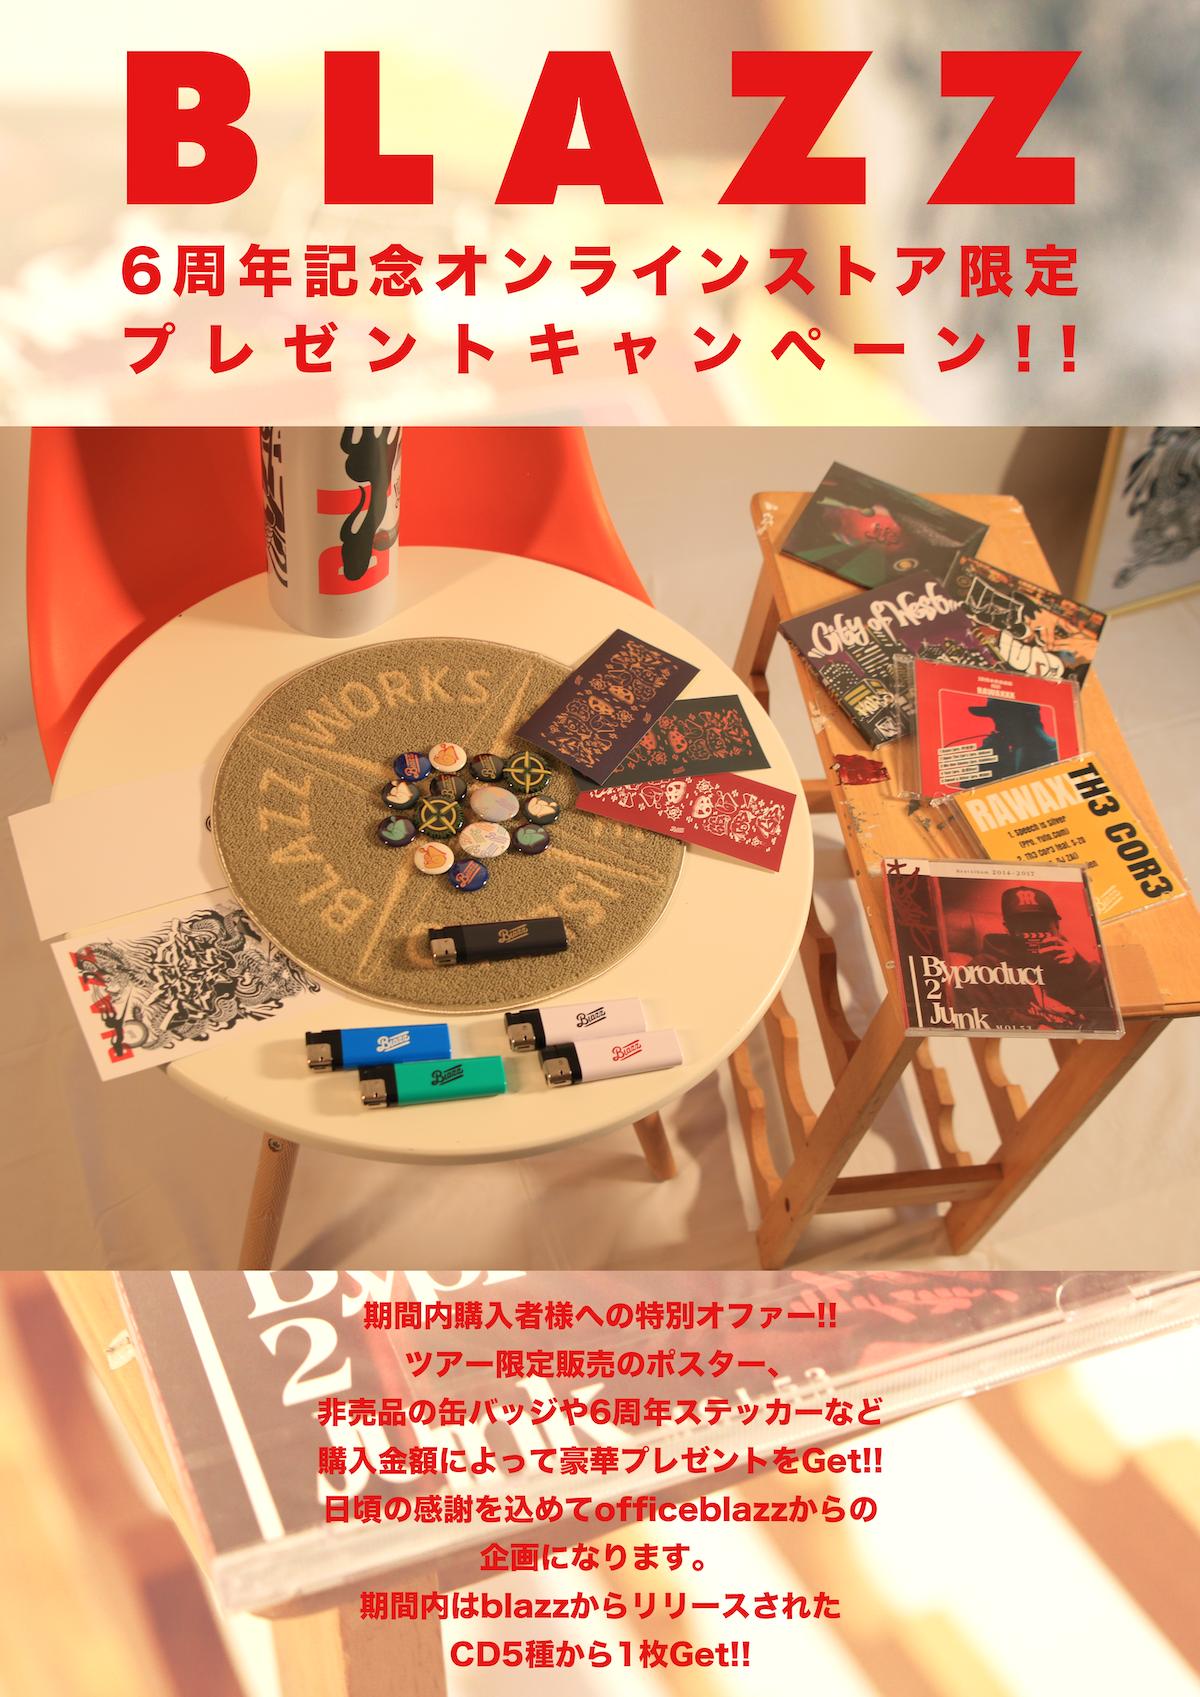 6周年記念オンラインストア限定 プレゼントキャンペーンスタート!!